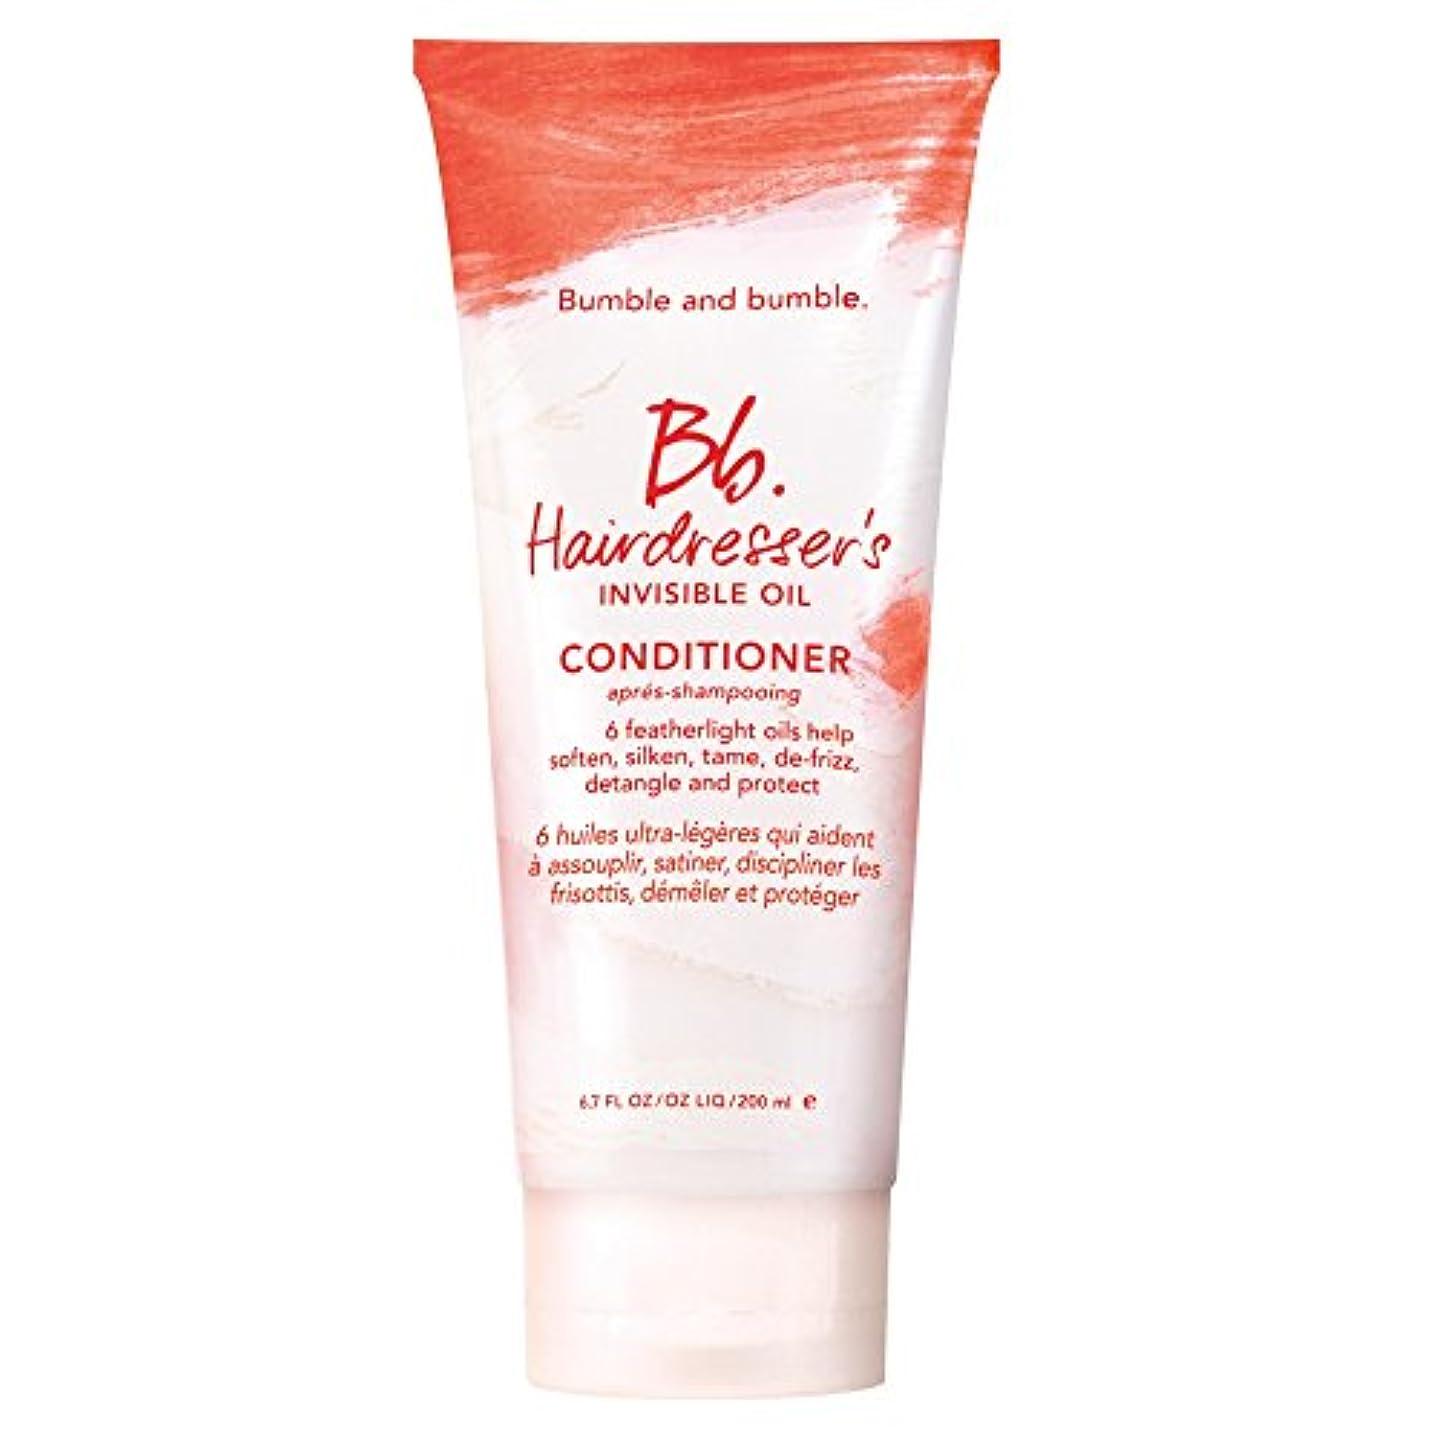 指前方へ宿バンブルアンドバンブル美容見えないオイルコンディショナー200ミリリットル (Bumble and bumble) (x2) - Bumble and bumble Hairdressers invisible oil...